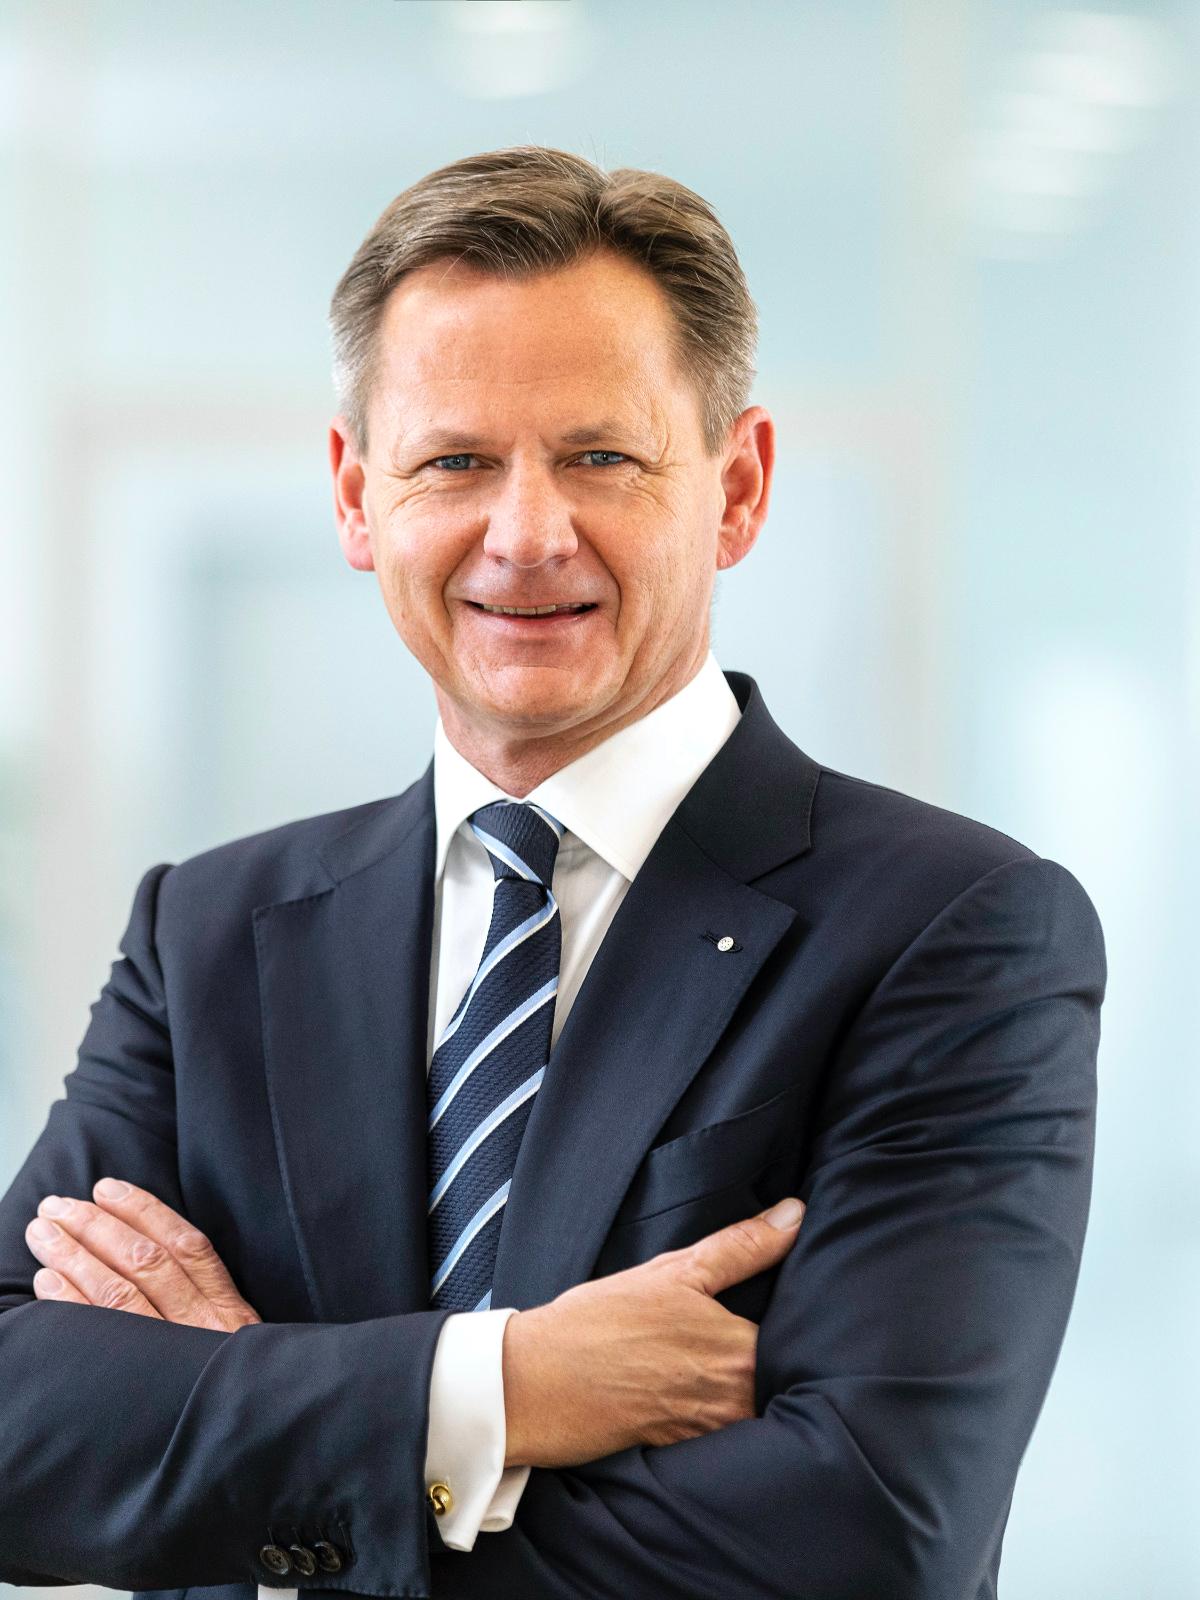 Team Paul Albrecht Patentanwalte Wir Schutzen Ideen Weltweit Und Das Seit Mehr Als 40 Jahren